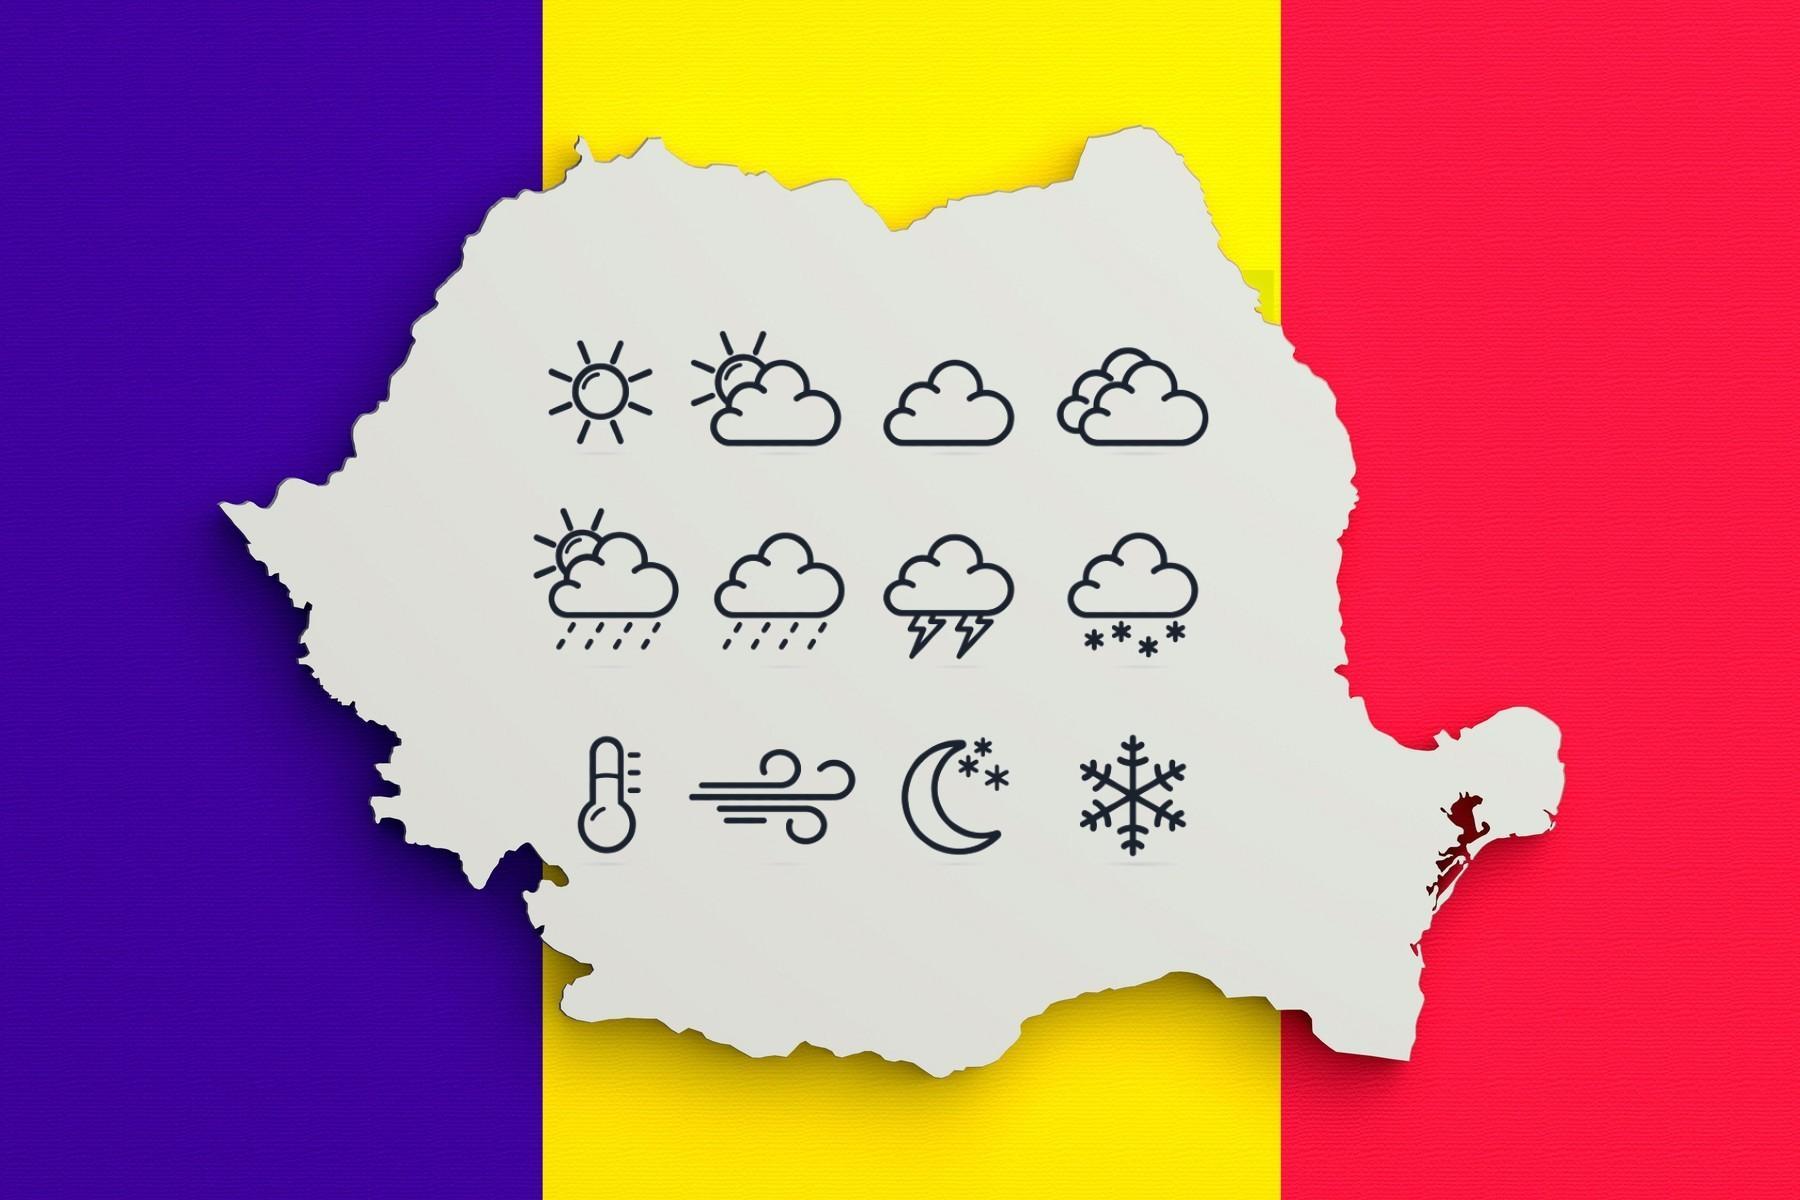 Prognoza meteo 18 octombrie 2021. Cum e vremea în România și care sunt previziunile ANM pentru astăzi